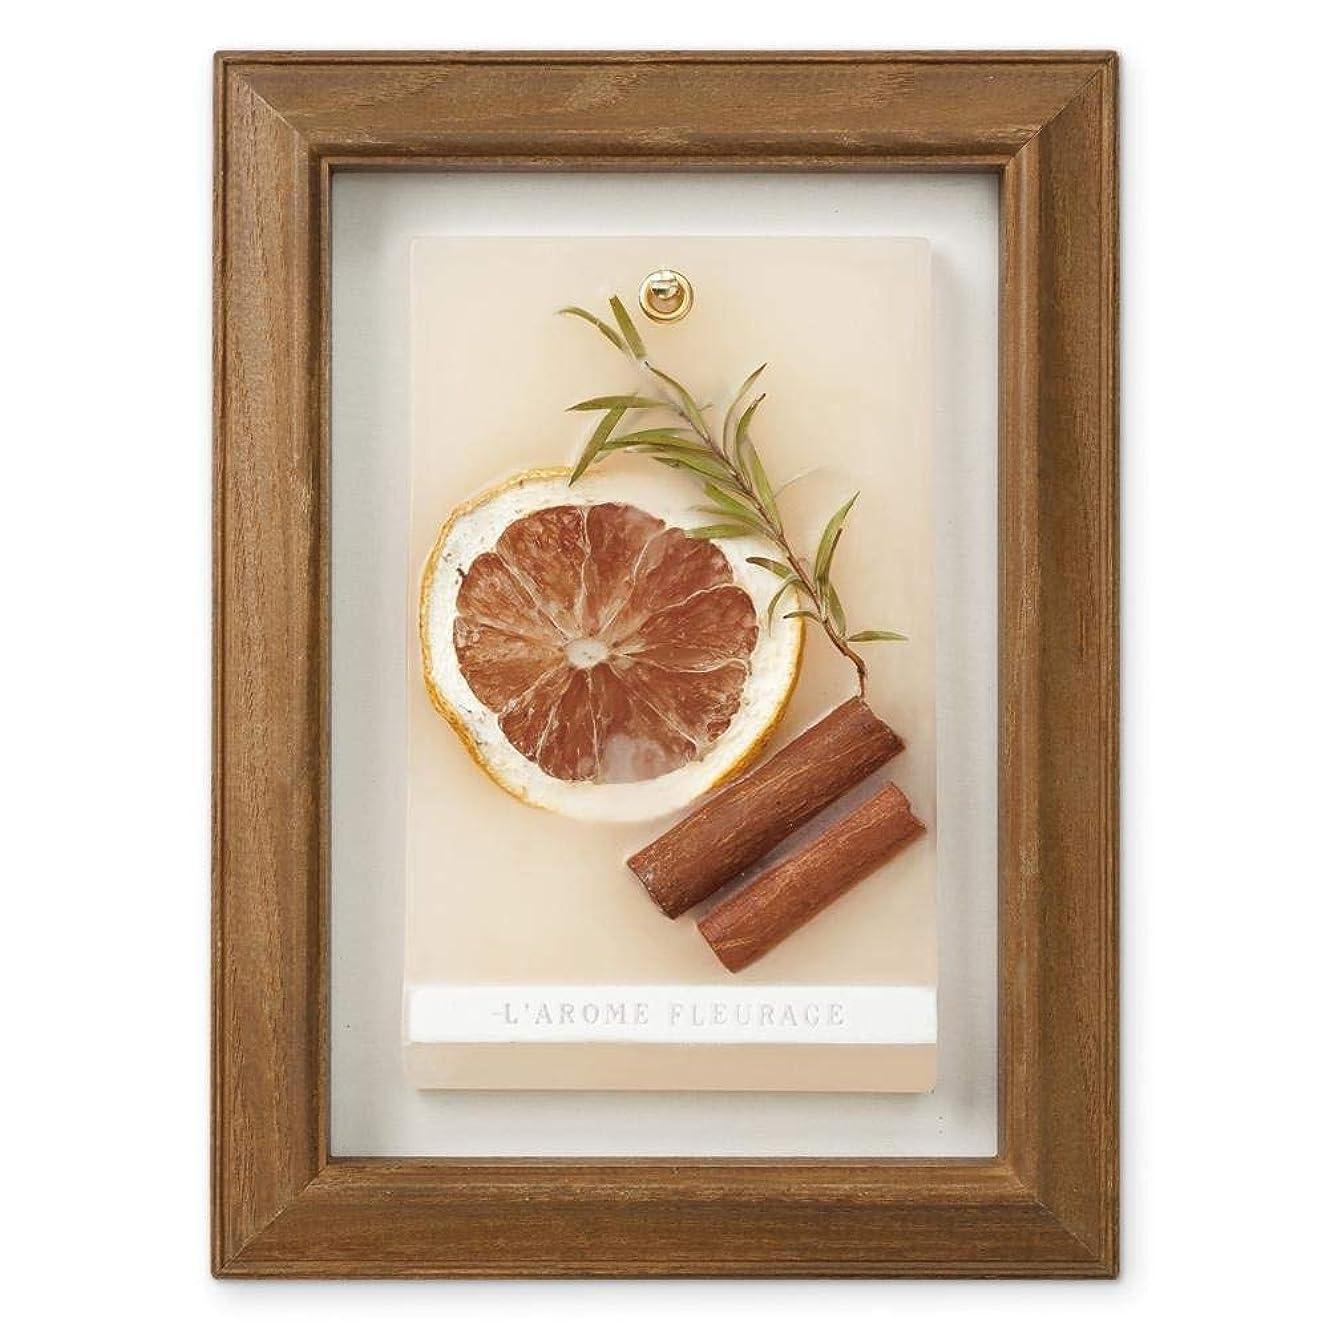 誕生抱擁転倒FLEURAGE(フルラージュ) アロマワックスサシェ スイートオレンジの香り Orange×AntiqueBrown KH-61121